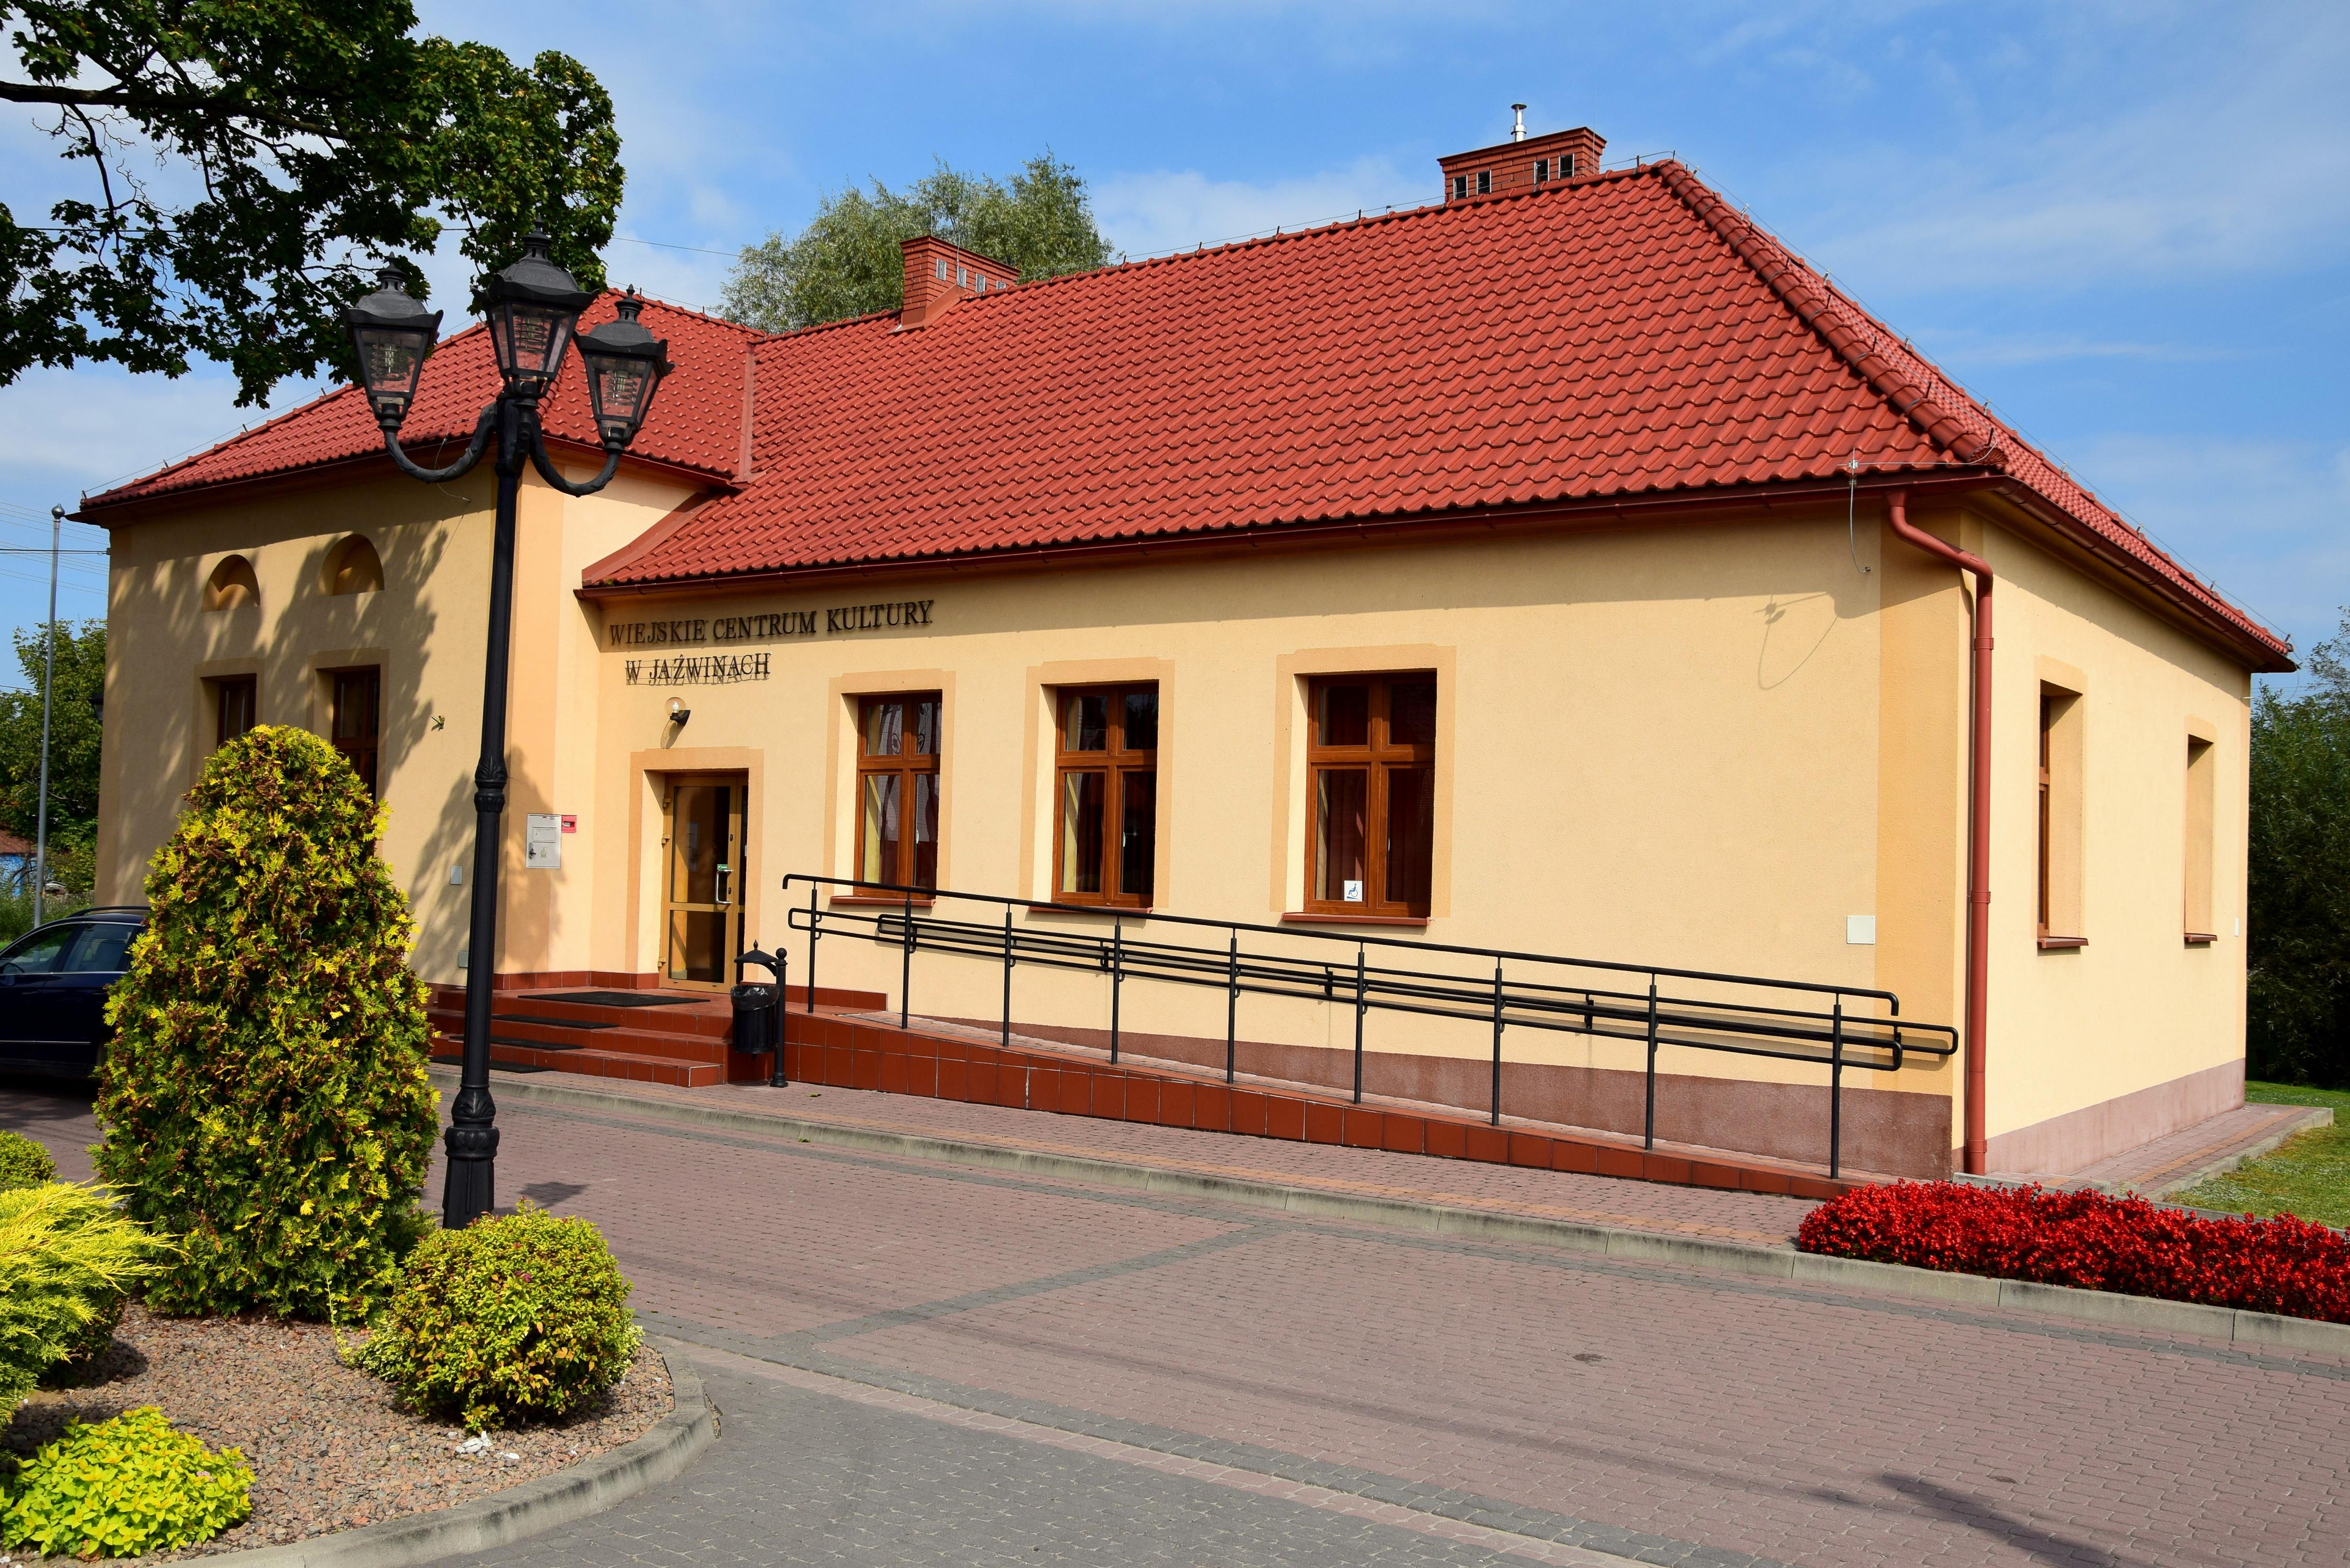 - wiejskie_centrum_kultury_w_jazwinach.jpg